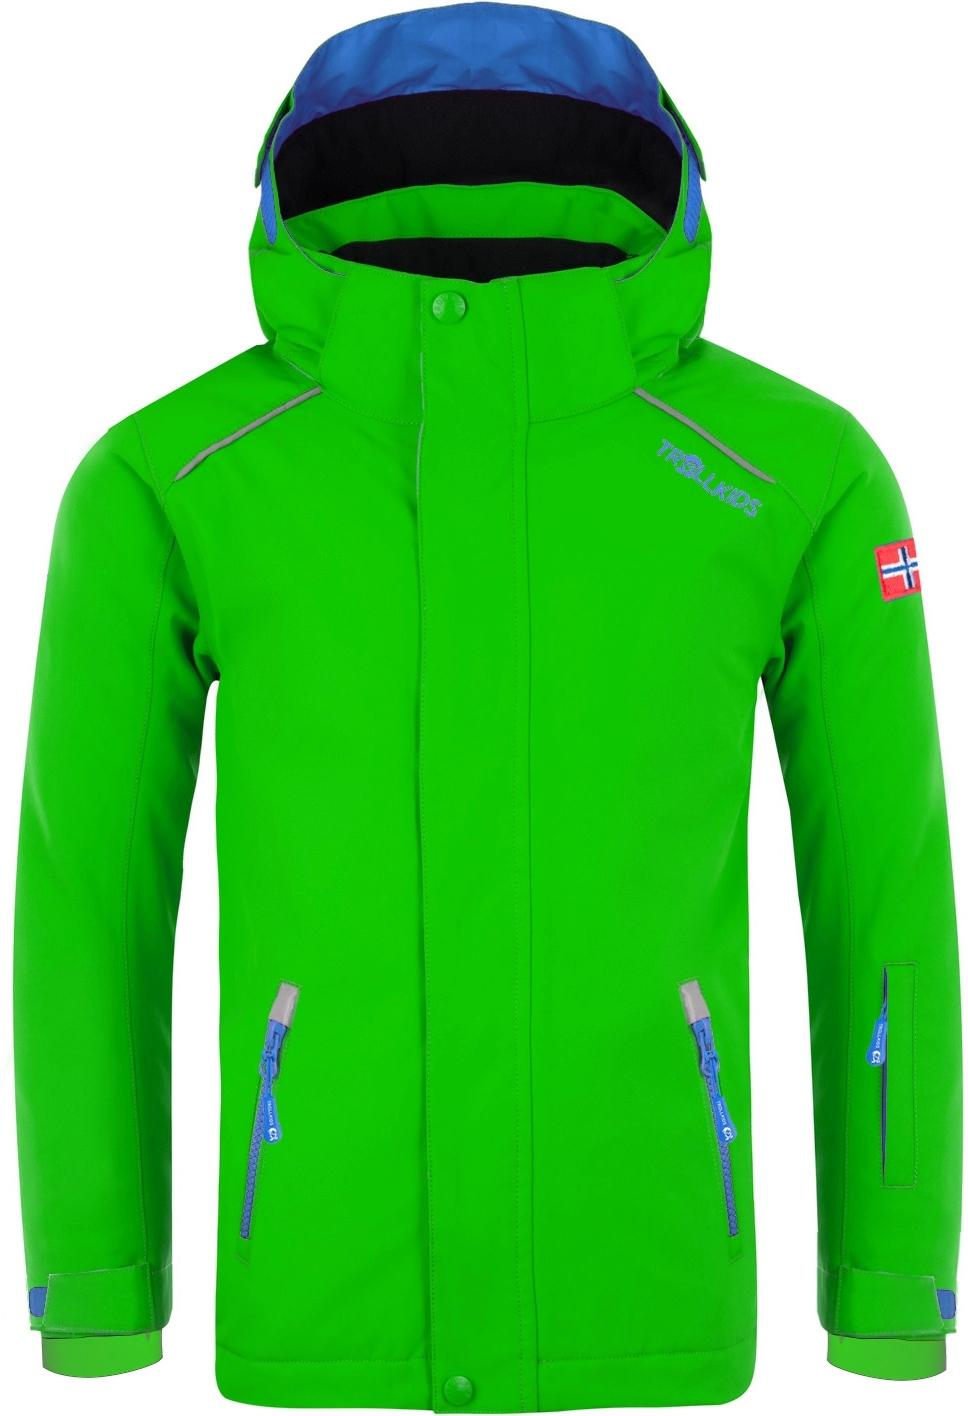 Trollkids Holmenkollen PRO Kids Snow Jacket - Bright Green